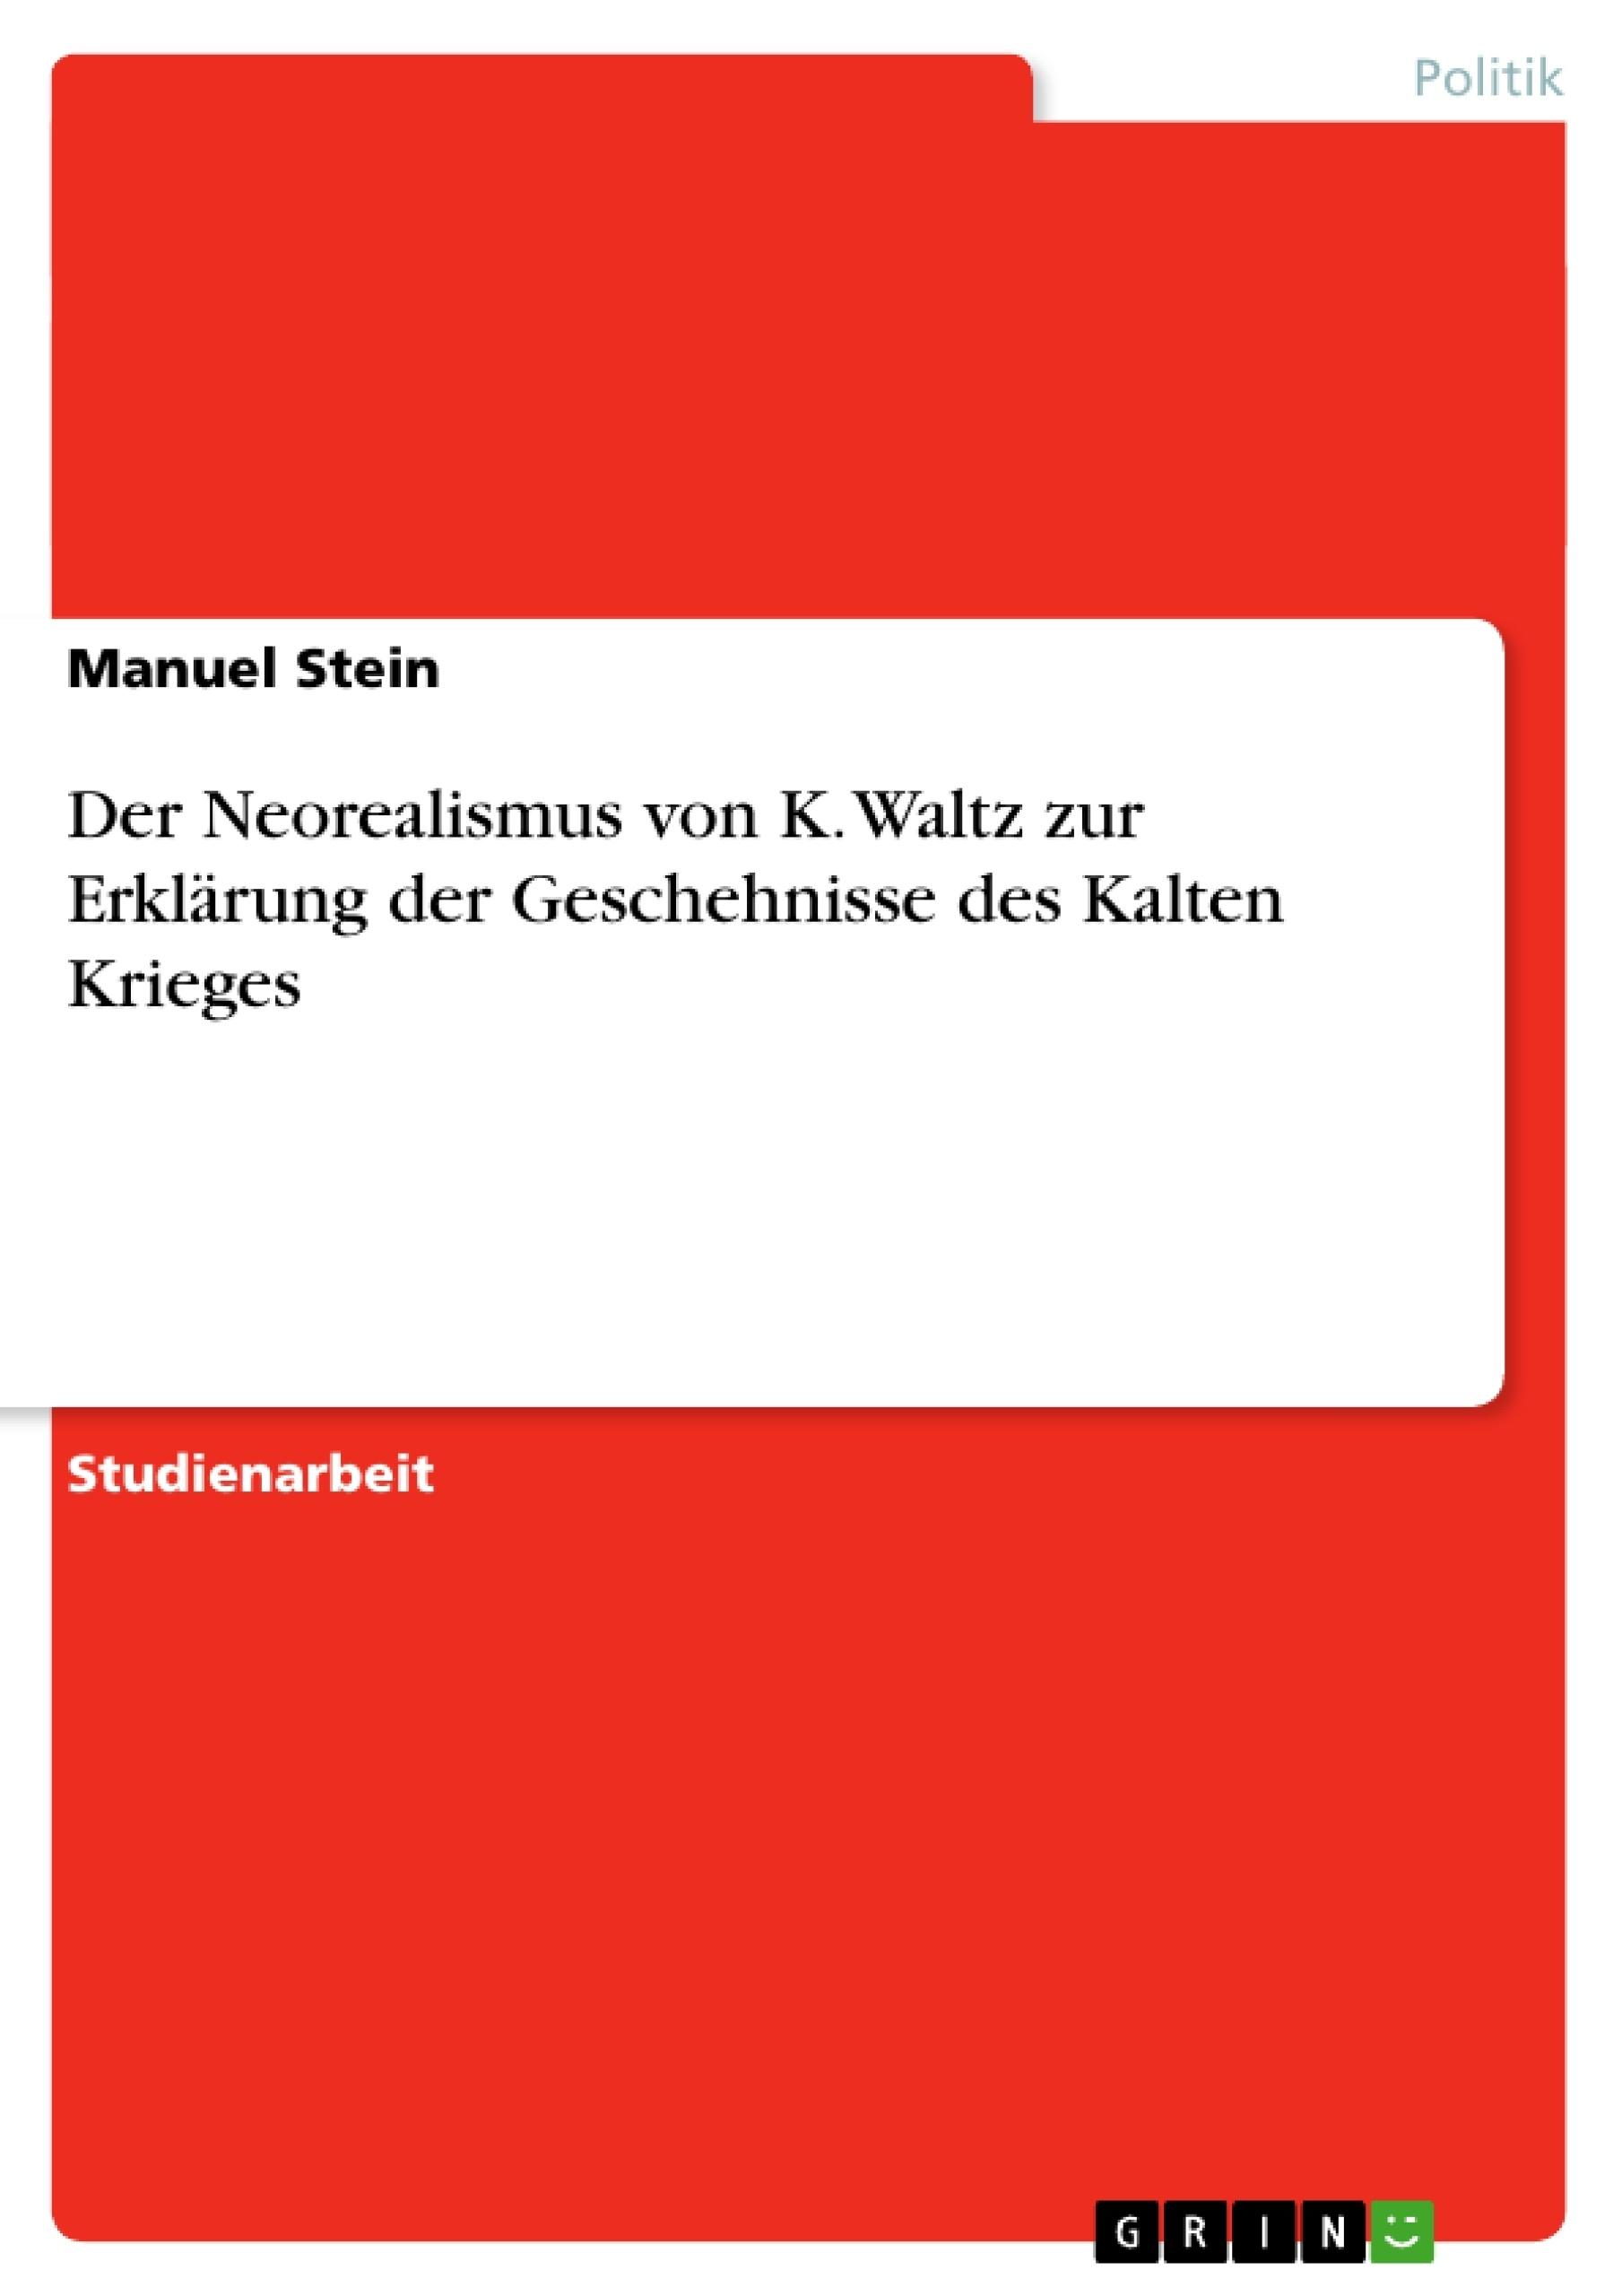 Titel: Der Neorealismus von K. Waltz zur Erklärung der Geschehnisse des Kalten Krieges